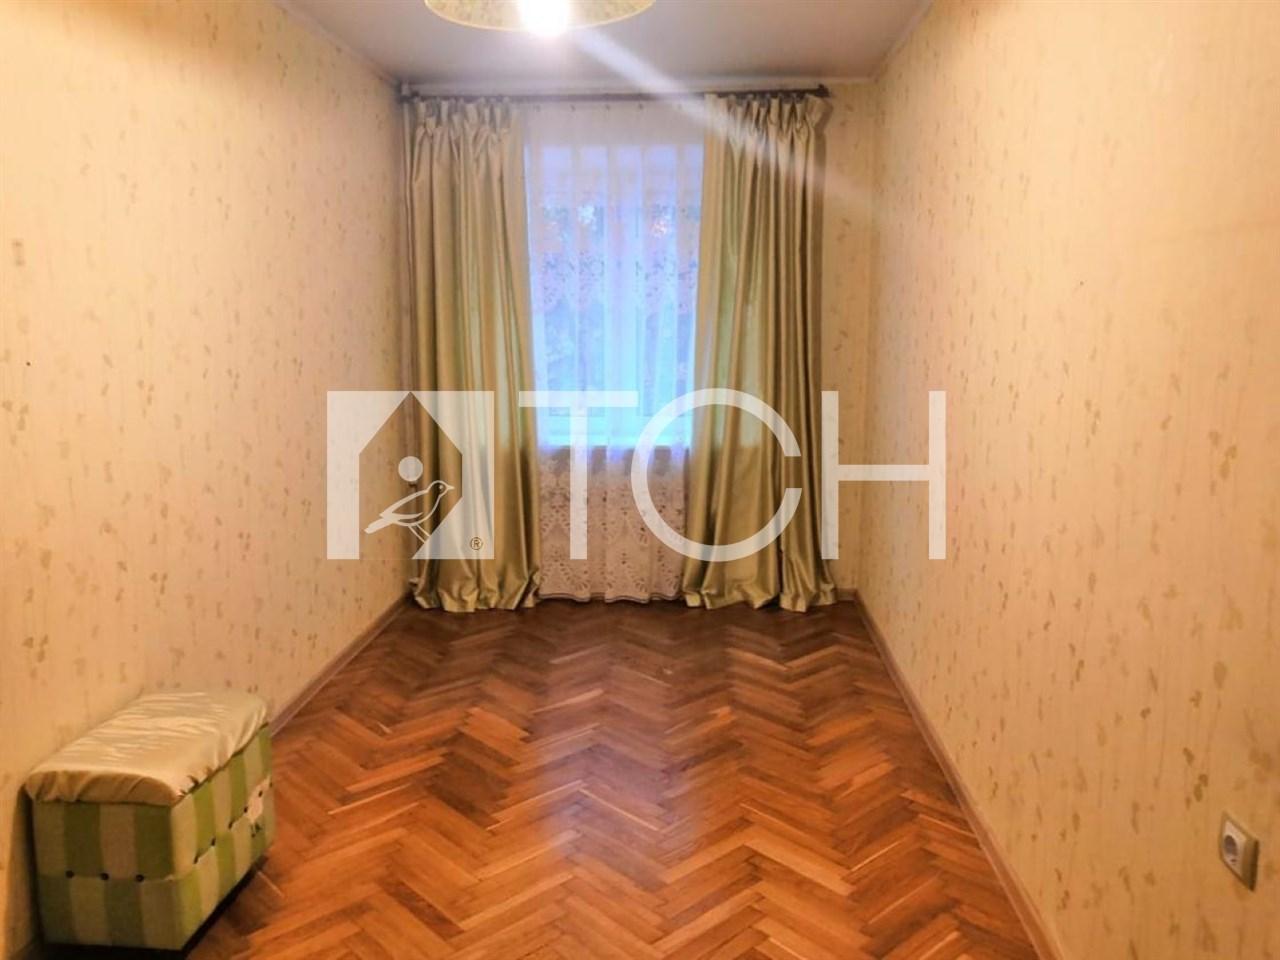 Квартира, 2 комнаты, 44 м² в Ивантеевке 89261425000 купить 2